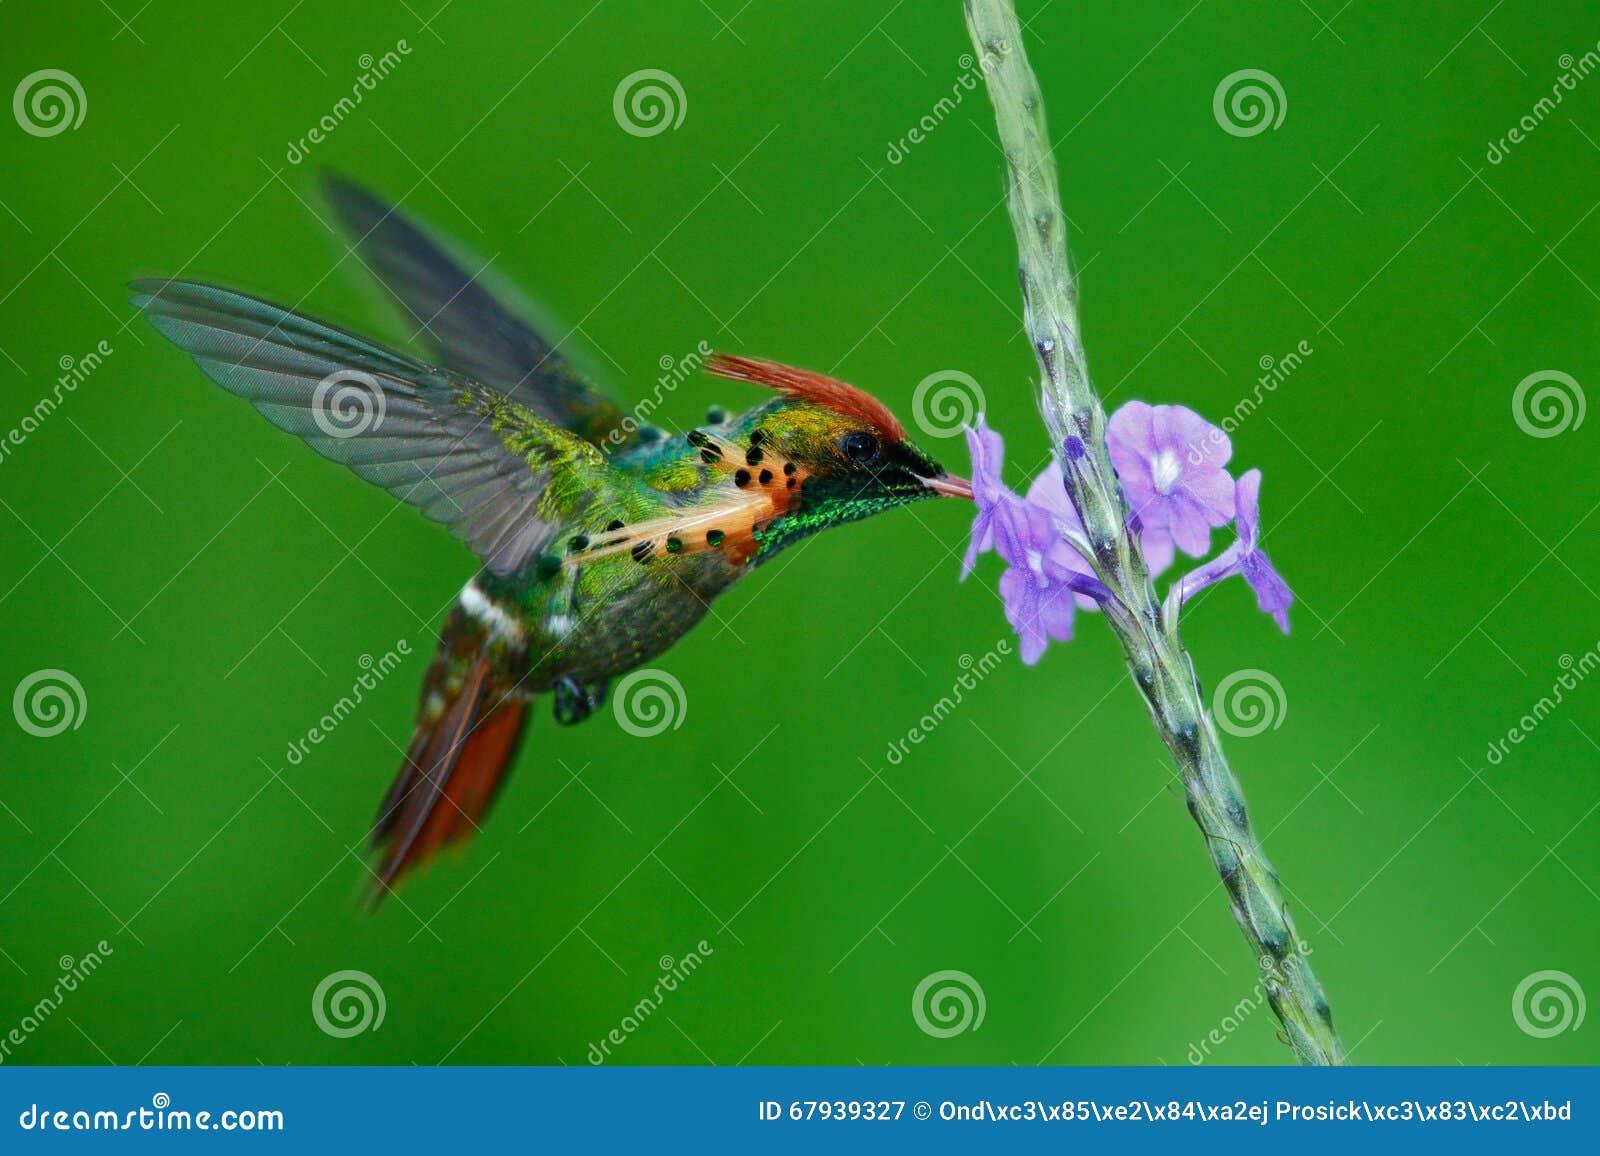 coquette tufte colibri color avec la crte orange et collier dans lhabitat vert - Vert Et Violet